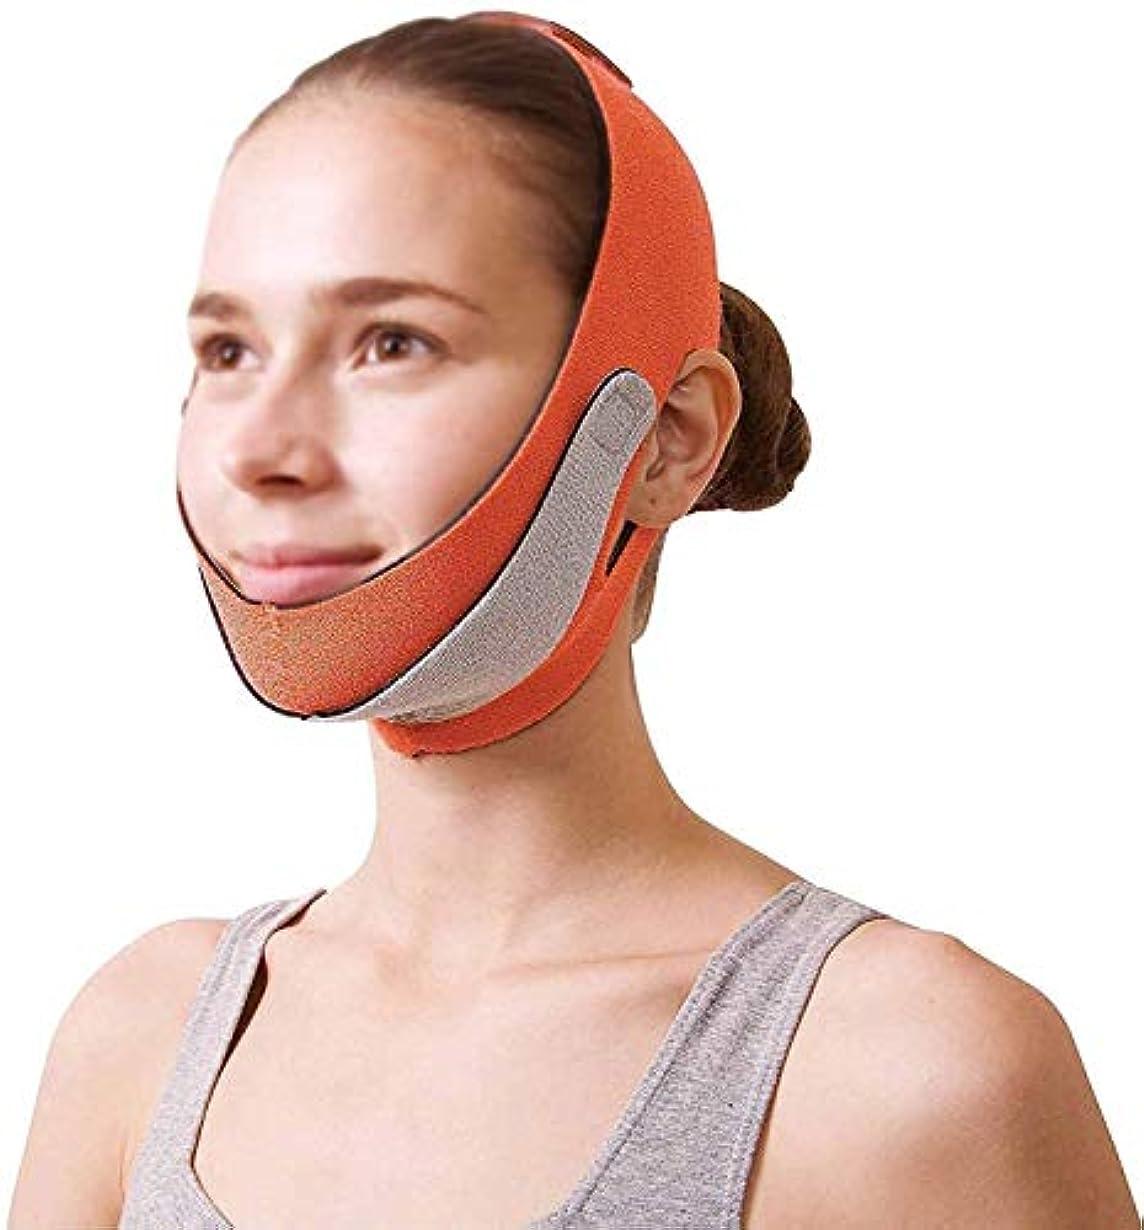 輝く正当な宿泊美容と実用的なフェイスリフトマスク、あごストラップ回復ポスト包帯ヘッドギアフェイスマスク顔薄いフェイスマスクアーティファクト美容顔と首リフトオレンジマスク